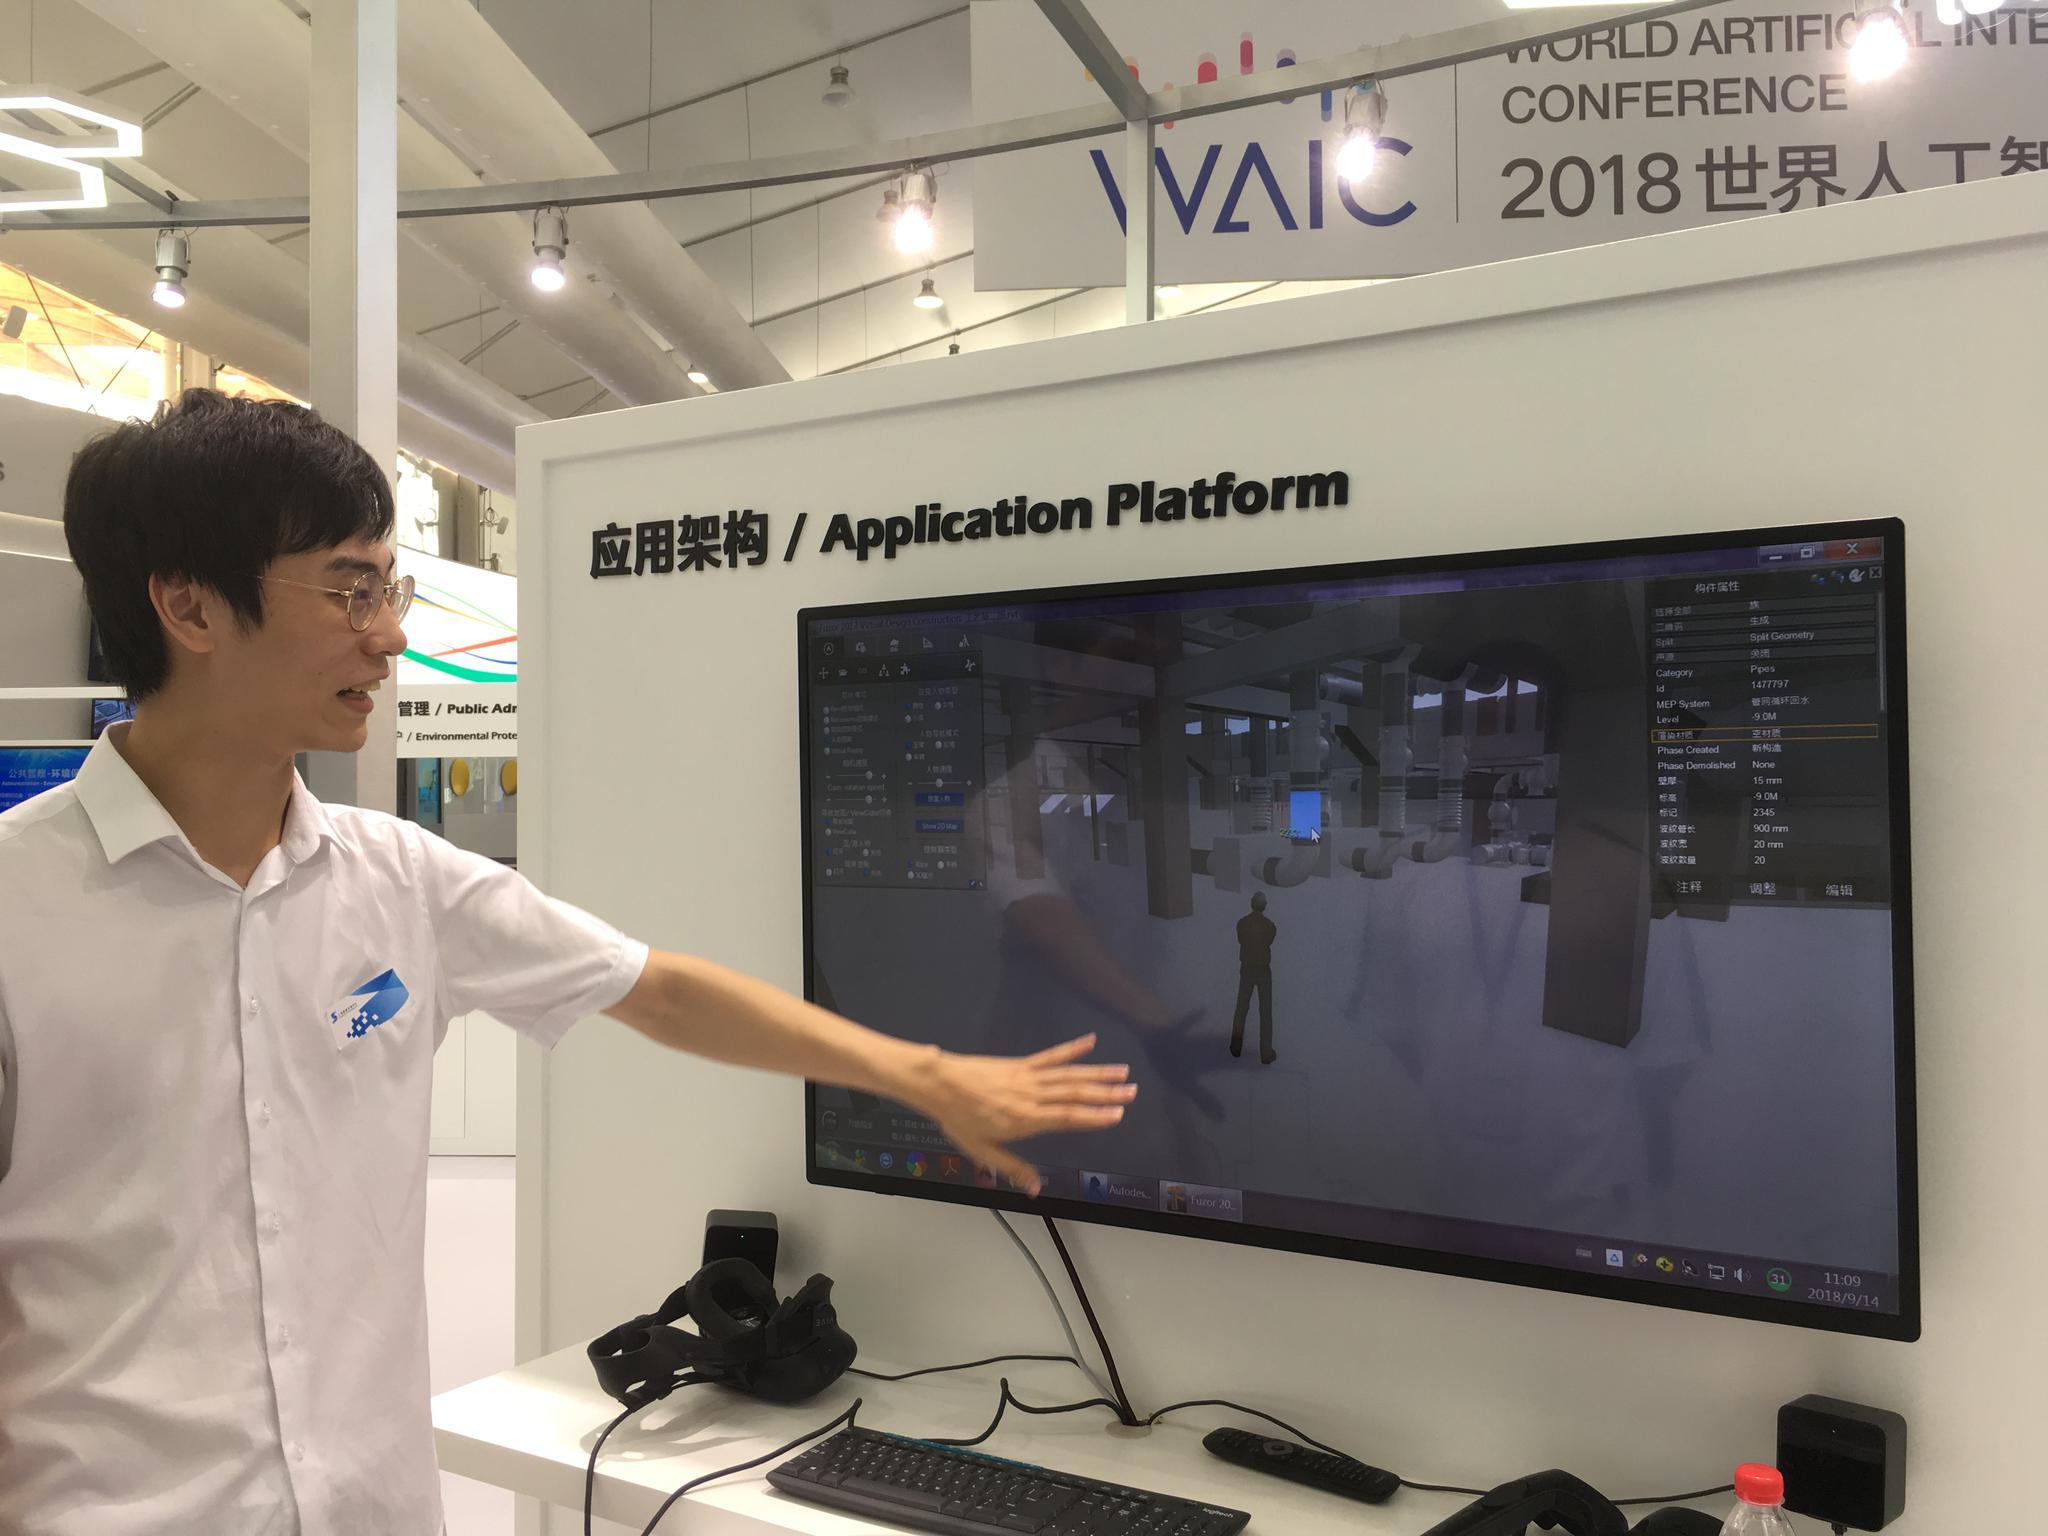 世界人工智能大会提前探:无人车和机器人吸足眼球,最大亮点还在面前